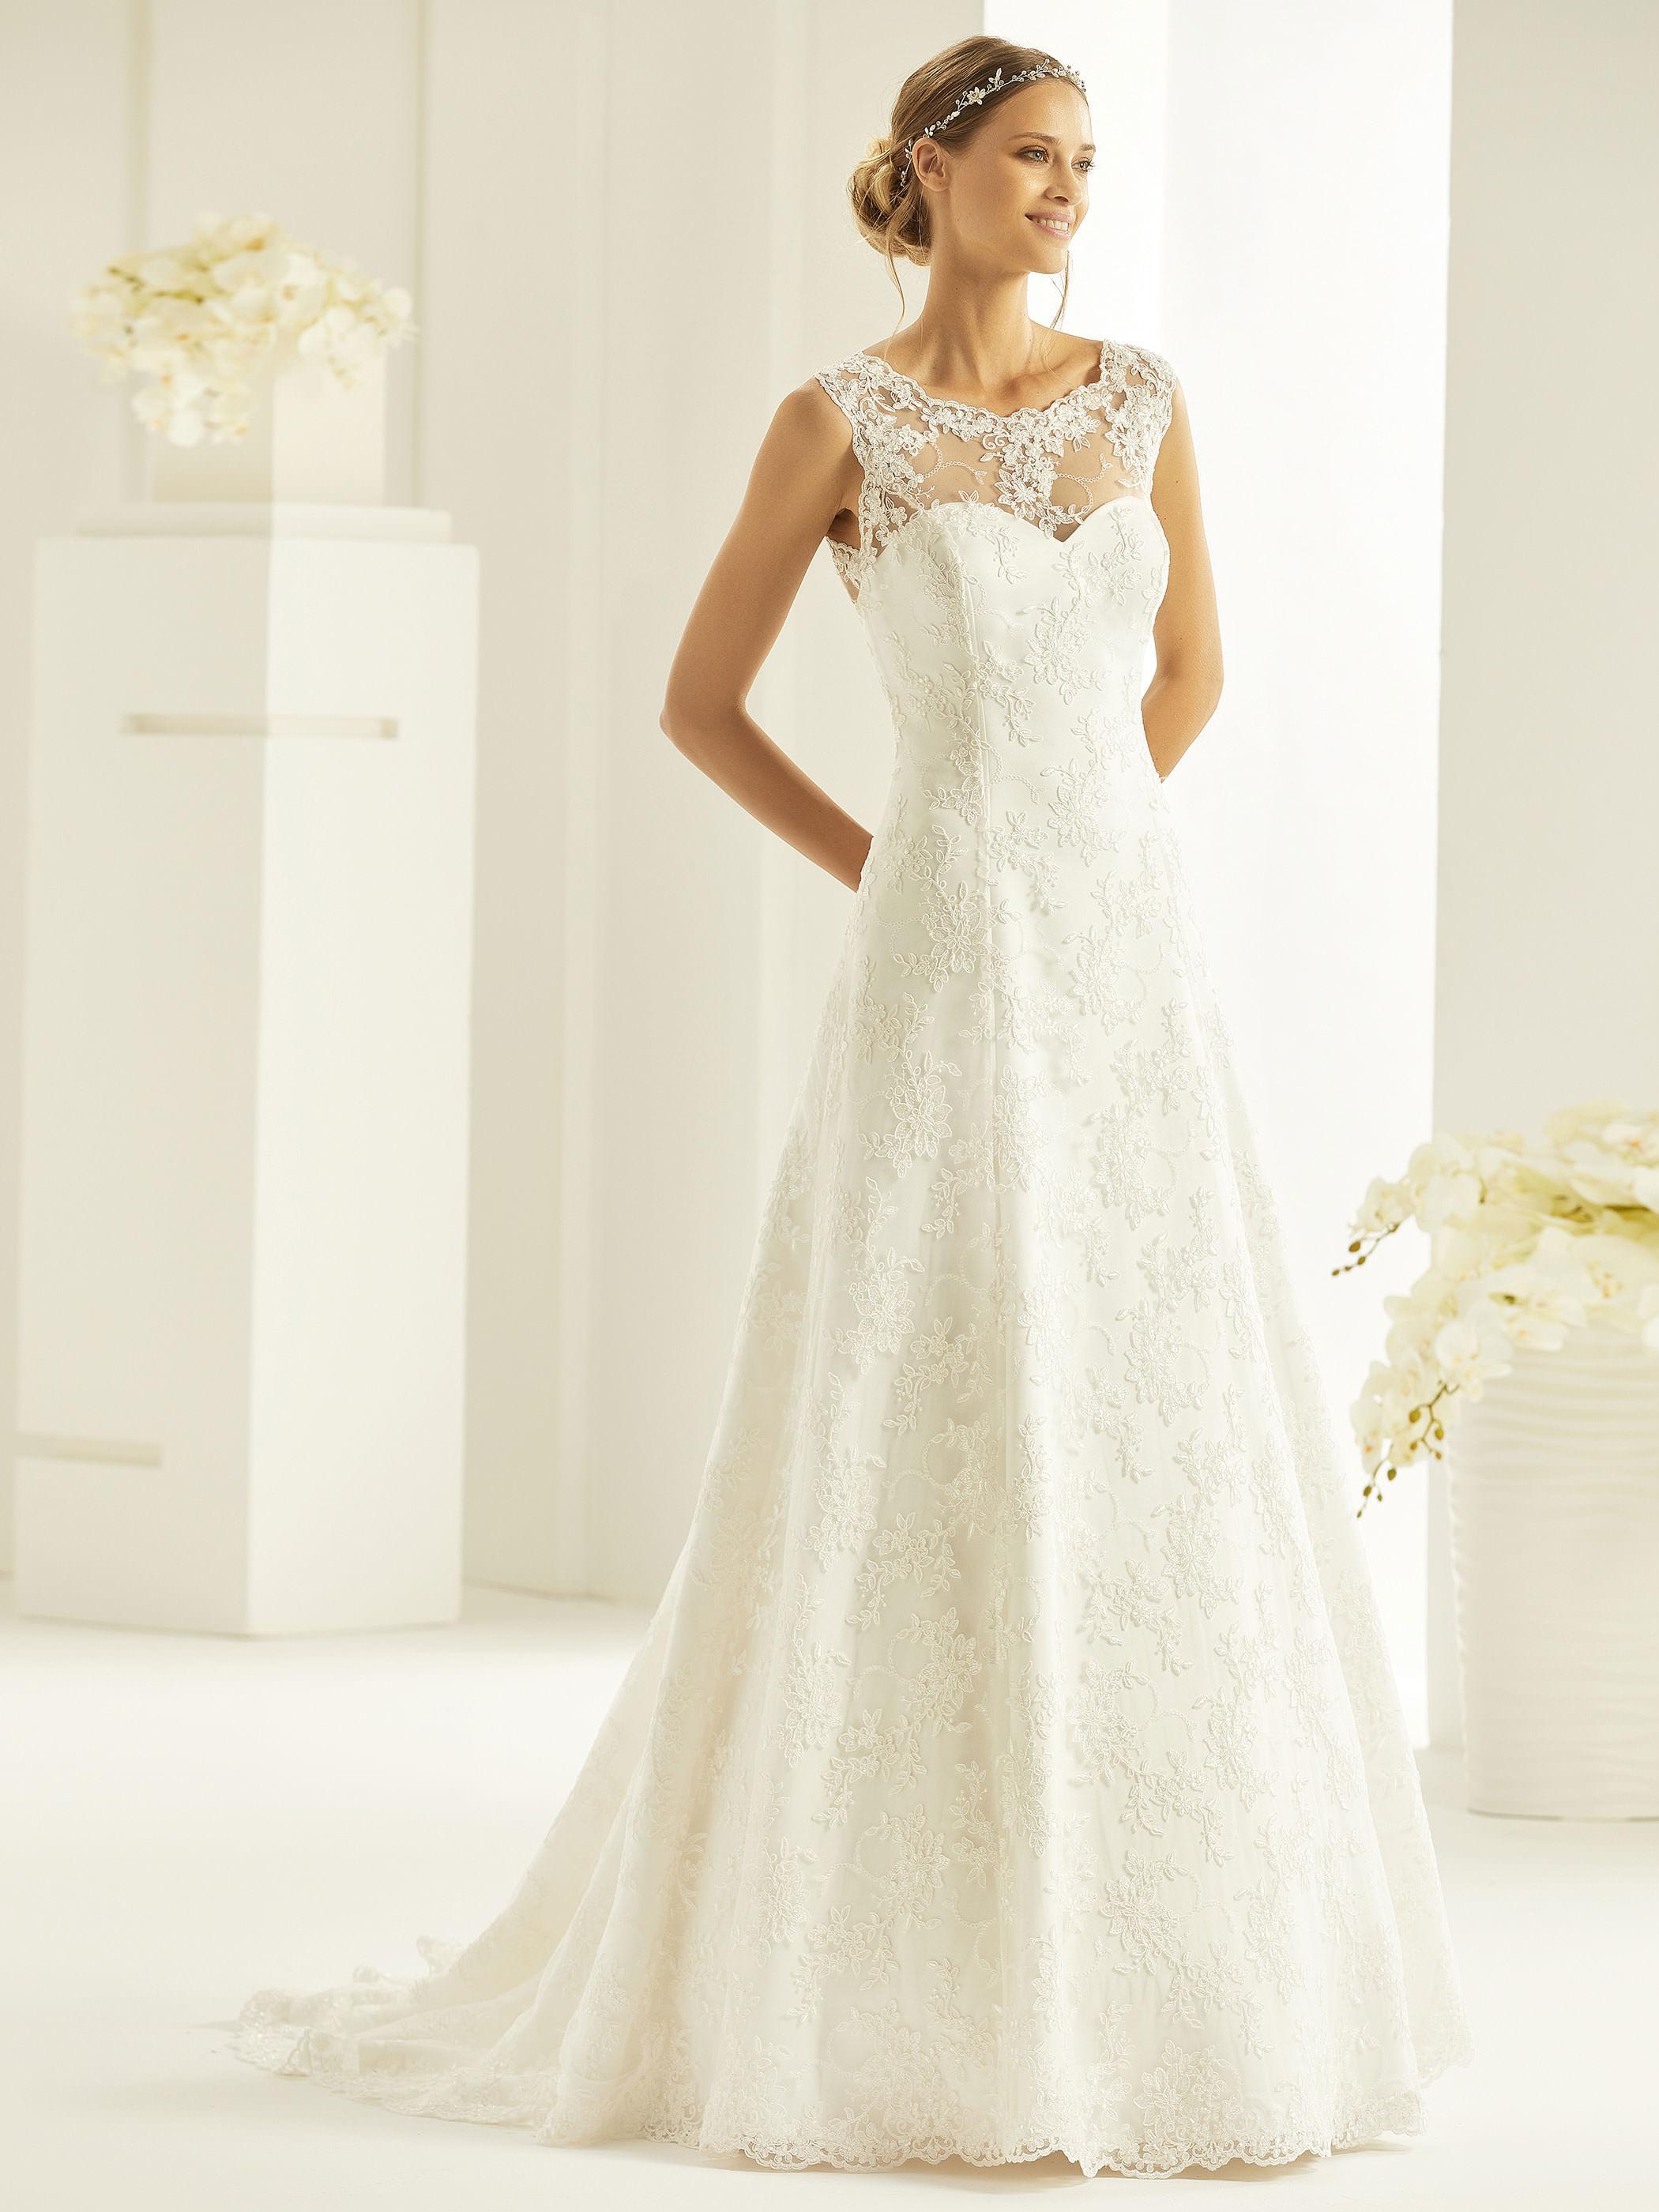 Hochzeitskleid mit Zierknöpfen  Samyra Fashion